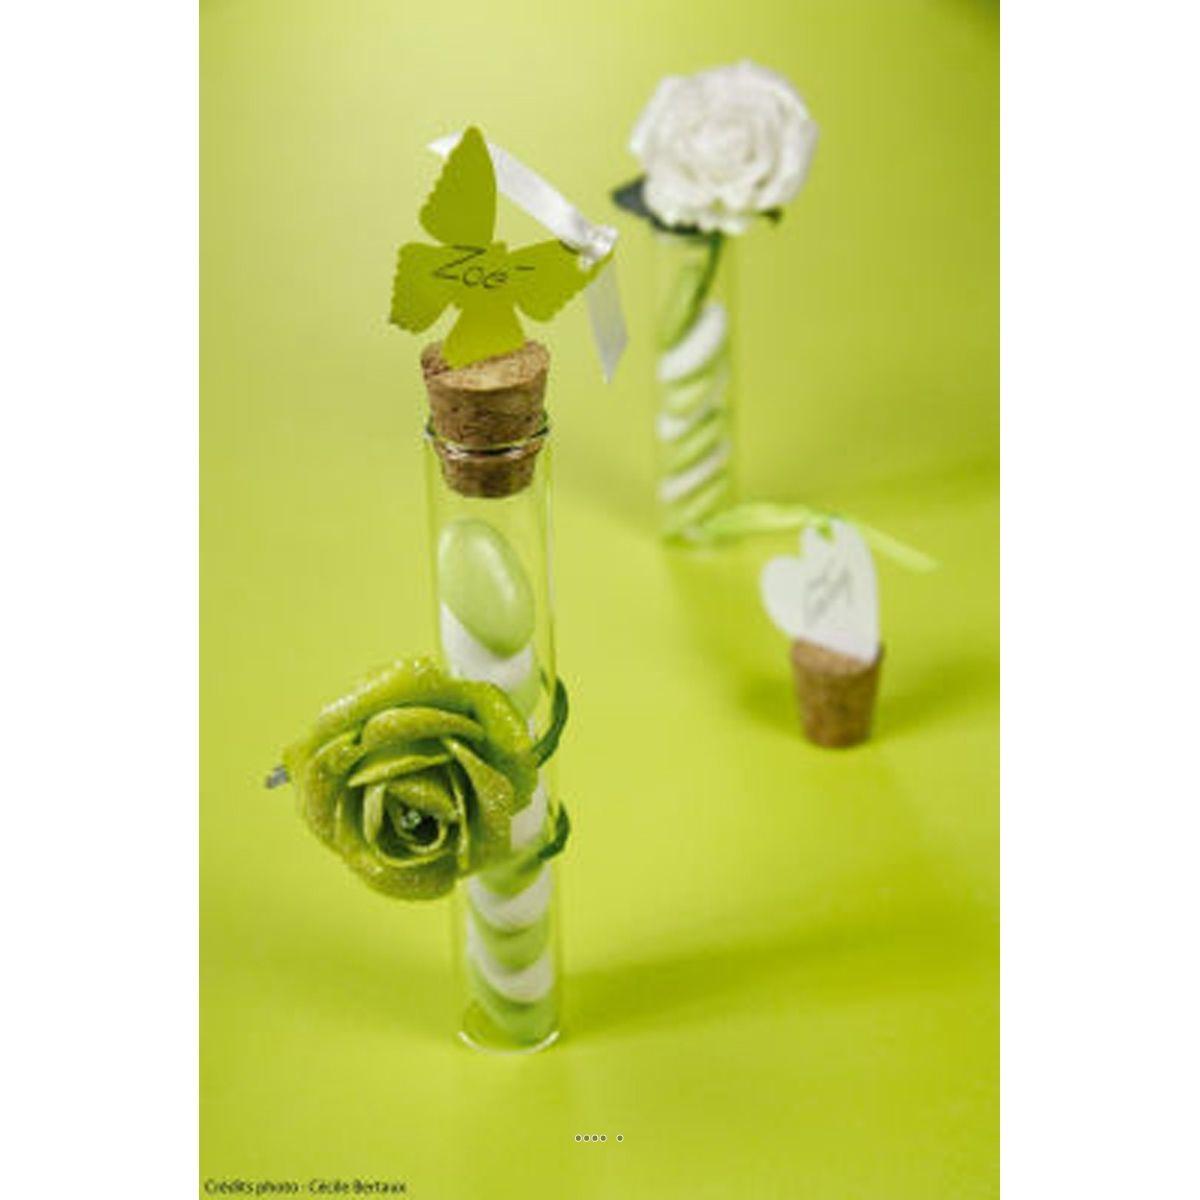 Eprouvette avec bouchon de liege a garnir en verre H 10 cm - choisissez votre dimension: D 2 CM X L 10 CM